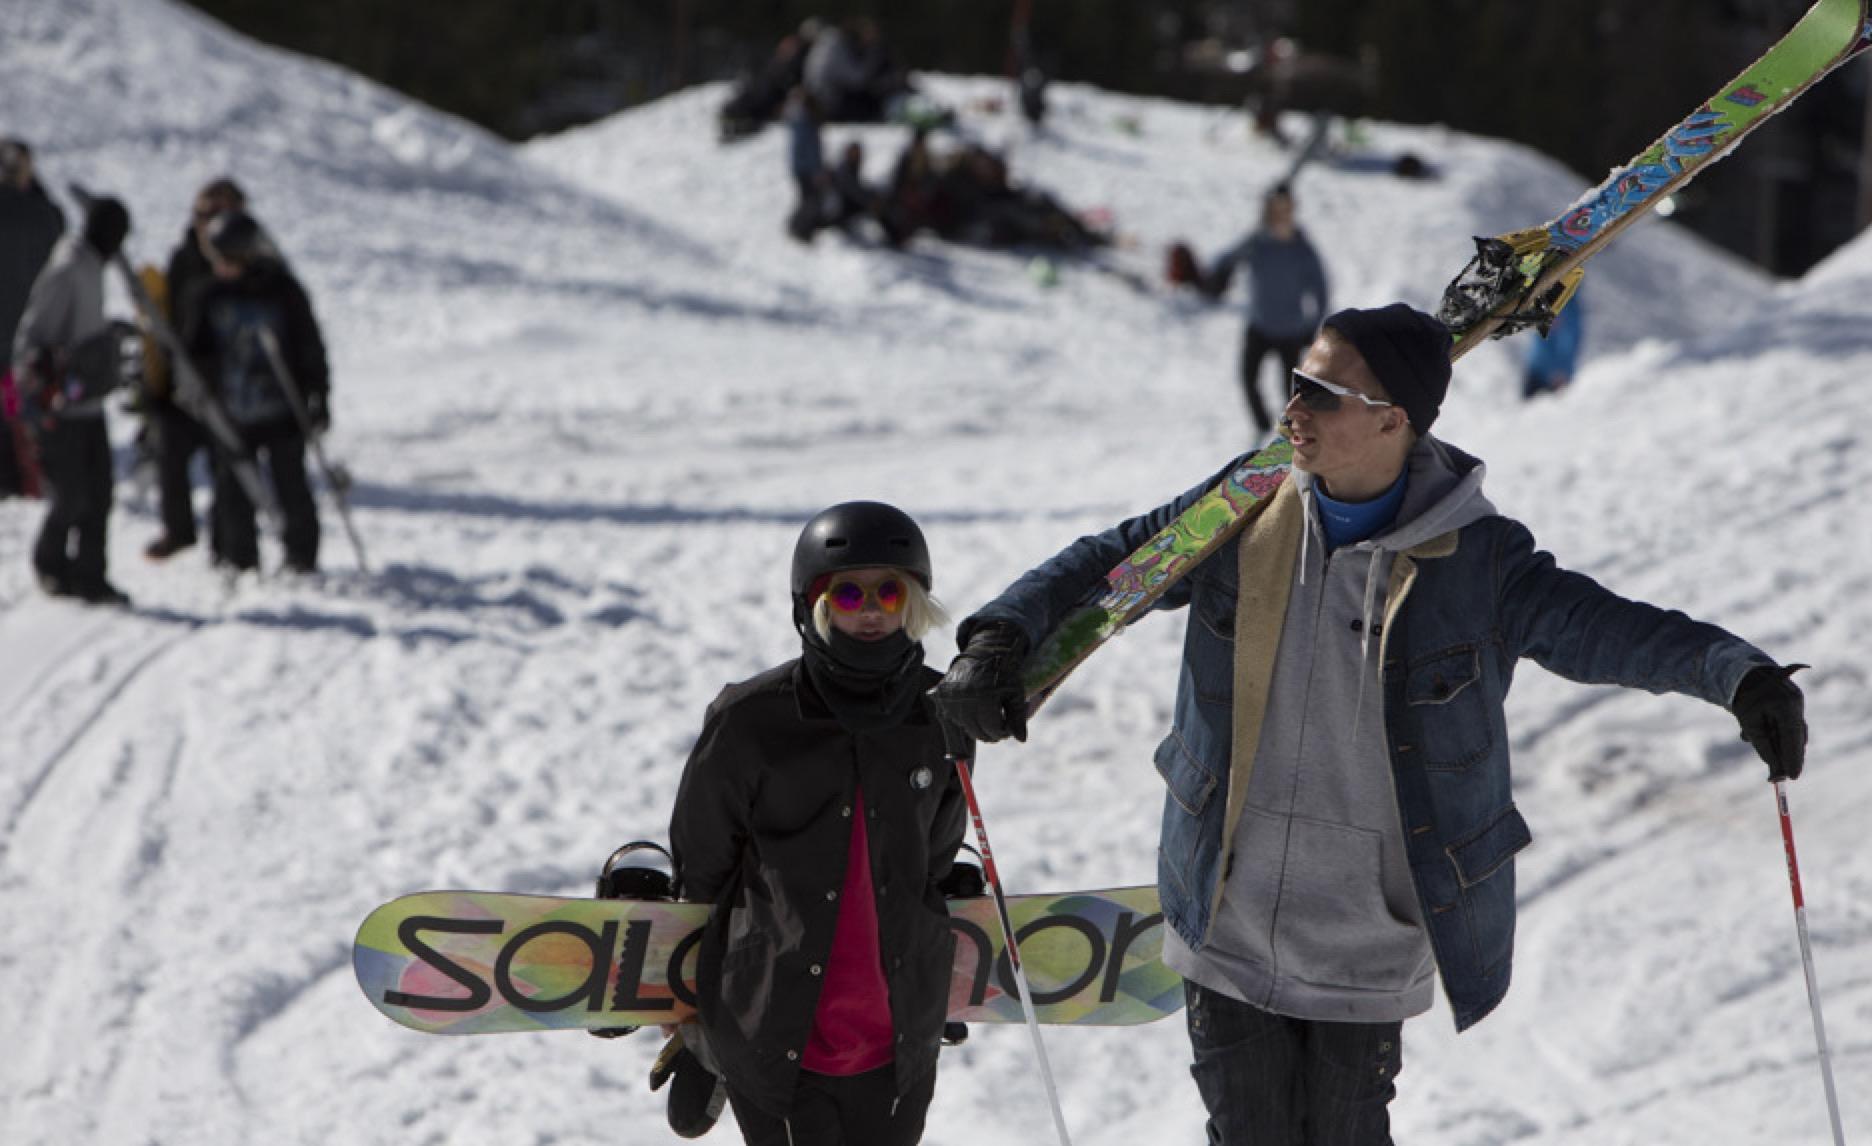 PODKAST: Hvorfor stenger skisenterne når det er snø igjen?